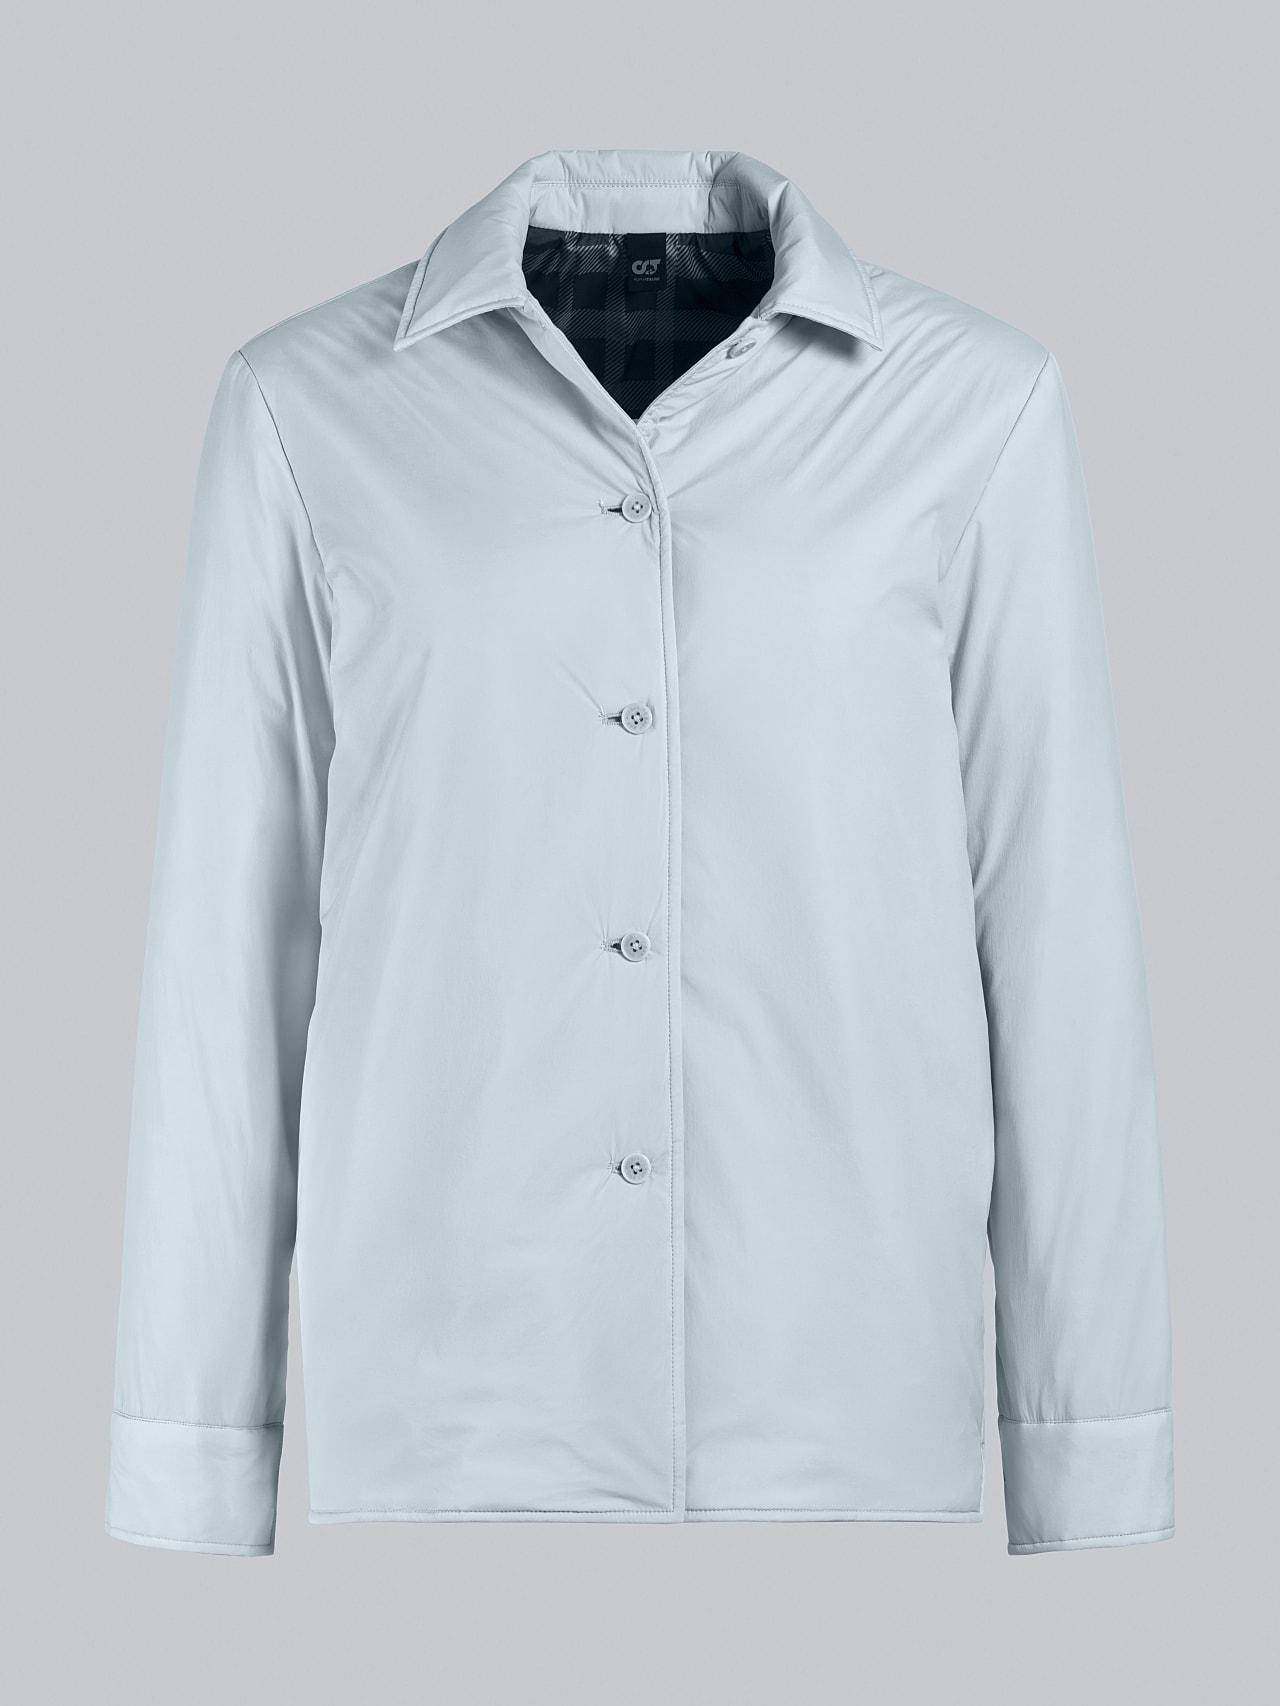 OSHEN V1.Y5.02 PrimaLoft® Overshirt Jacket Pale Blue  Back Alpha Tauri